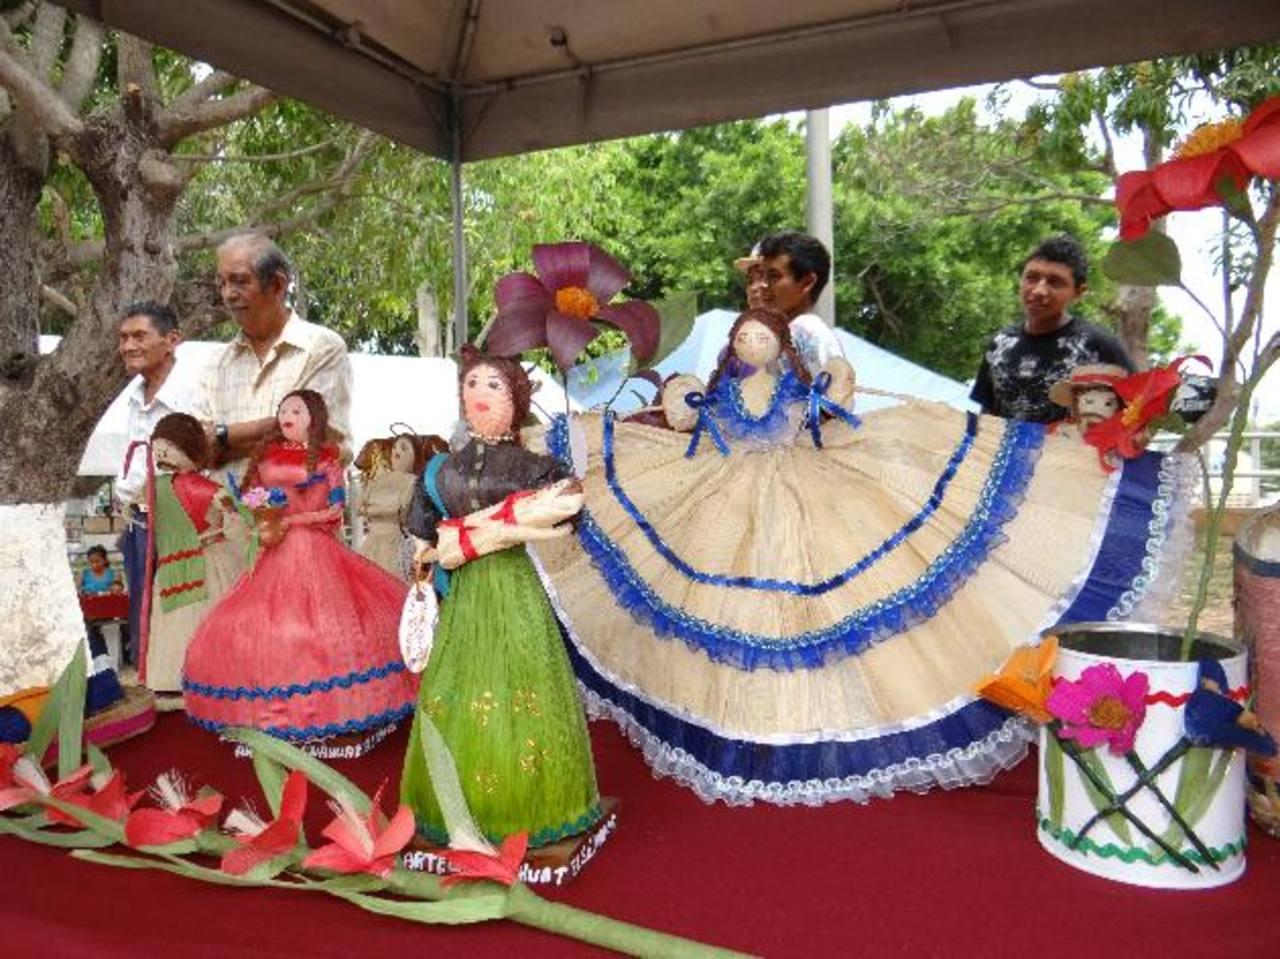 Muchos expositores mostraron artesanías propias de distintos lugares. foto edh / cortesía